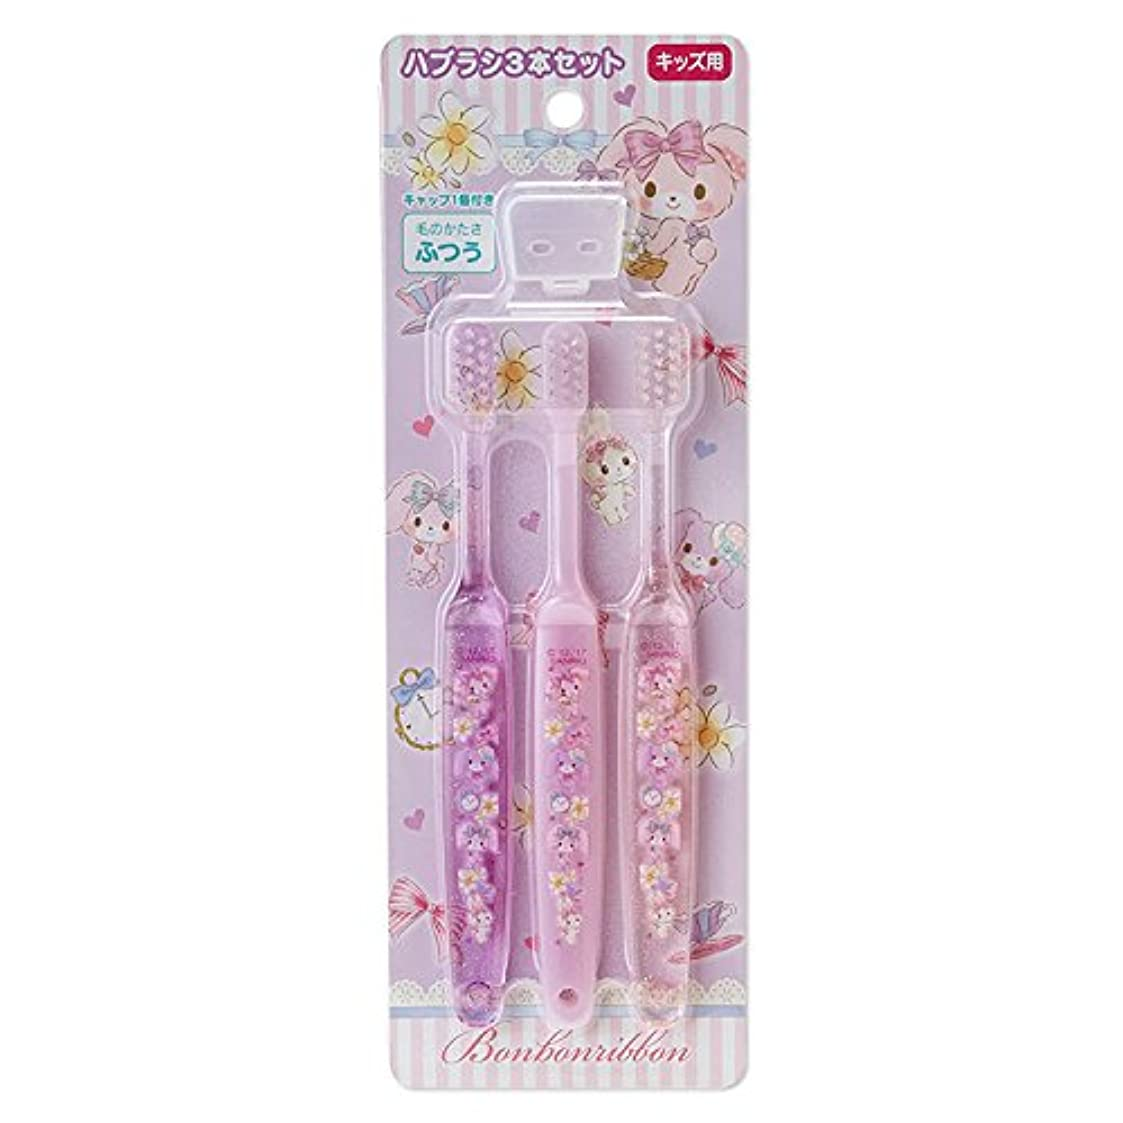 ぼんぼんりぼん キッズ歯ブラシ3本セット